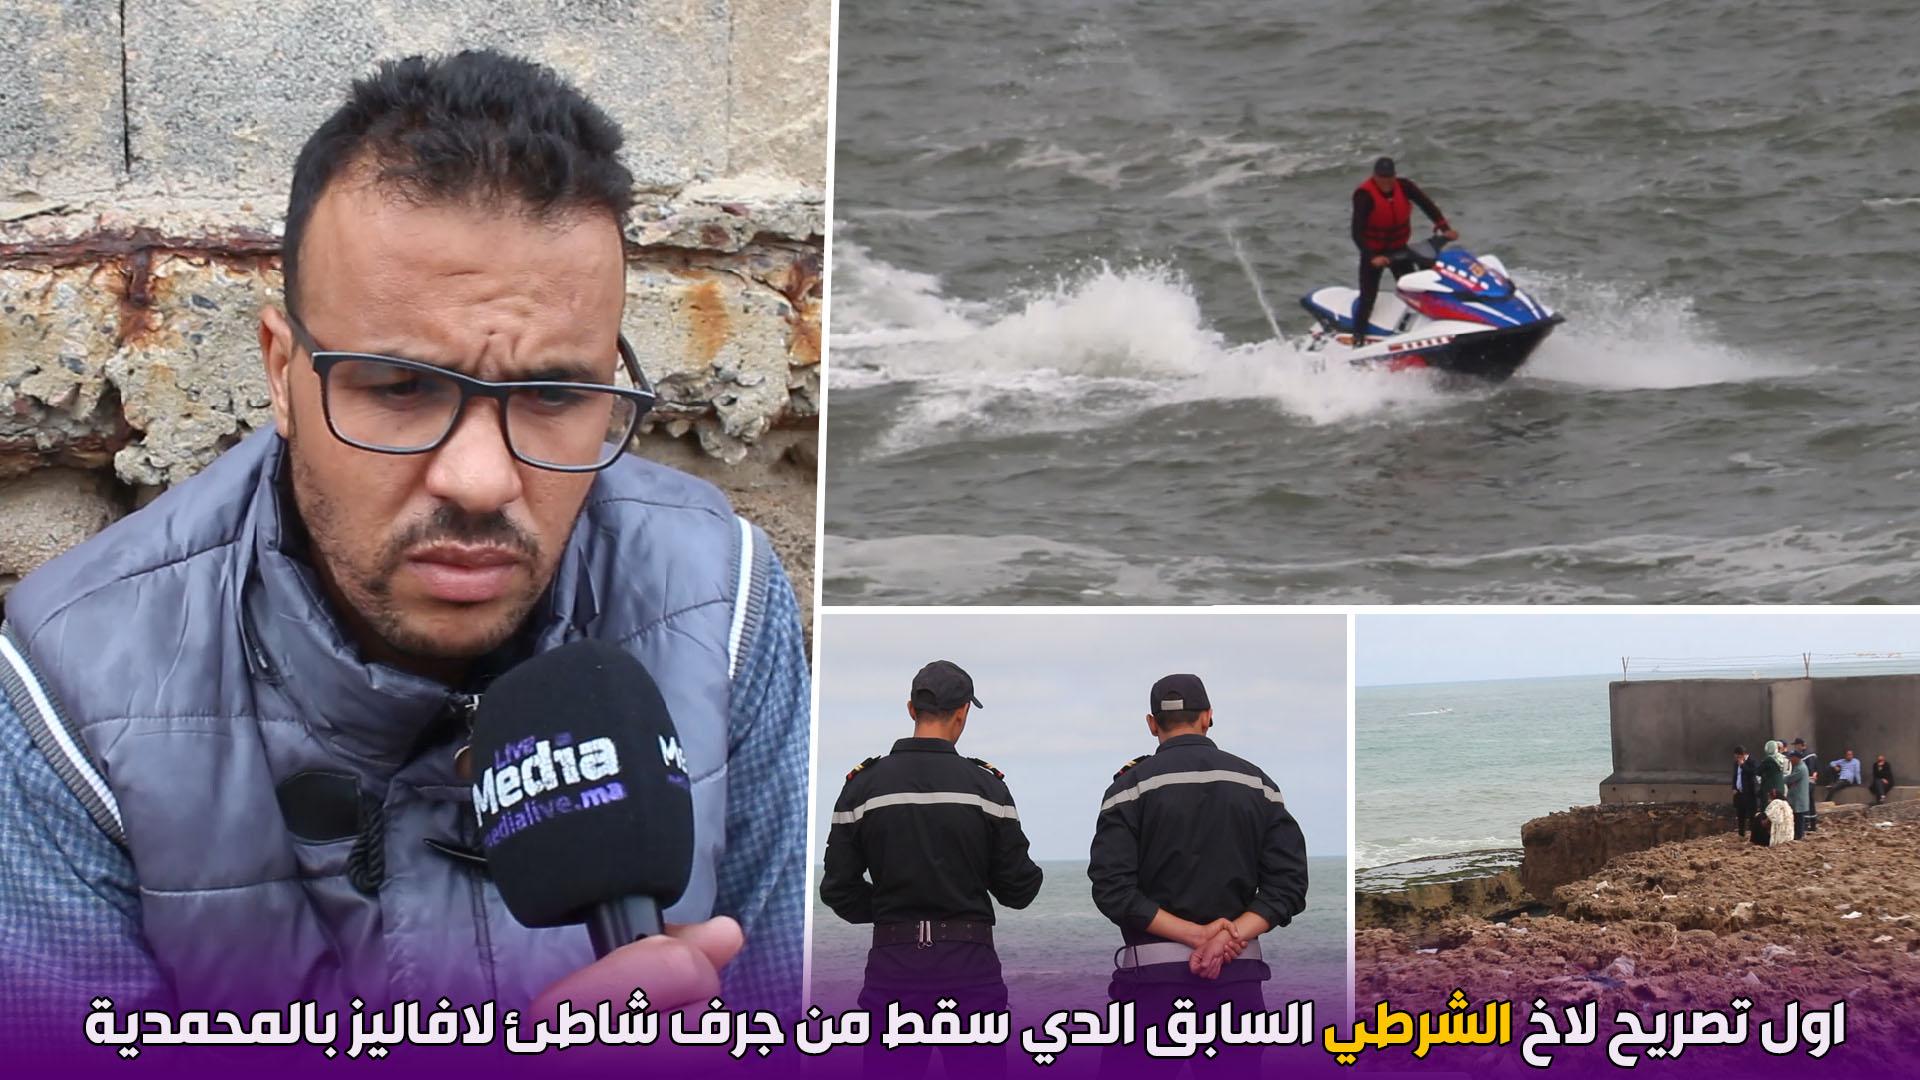 اول تصريح لاخ الشرطي السابق الدي سقط من جرف شاطئ لافاليز بالمحمدية..استمرار عمليات البحت